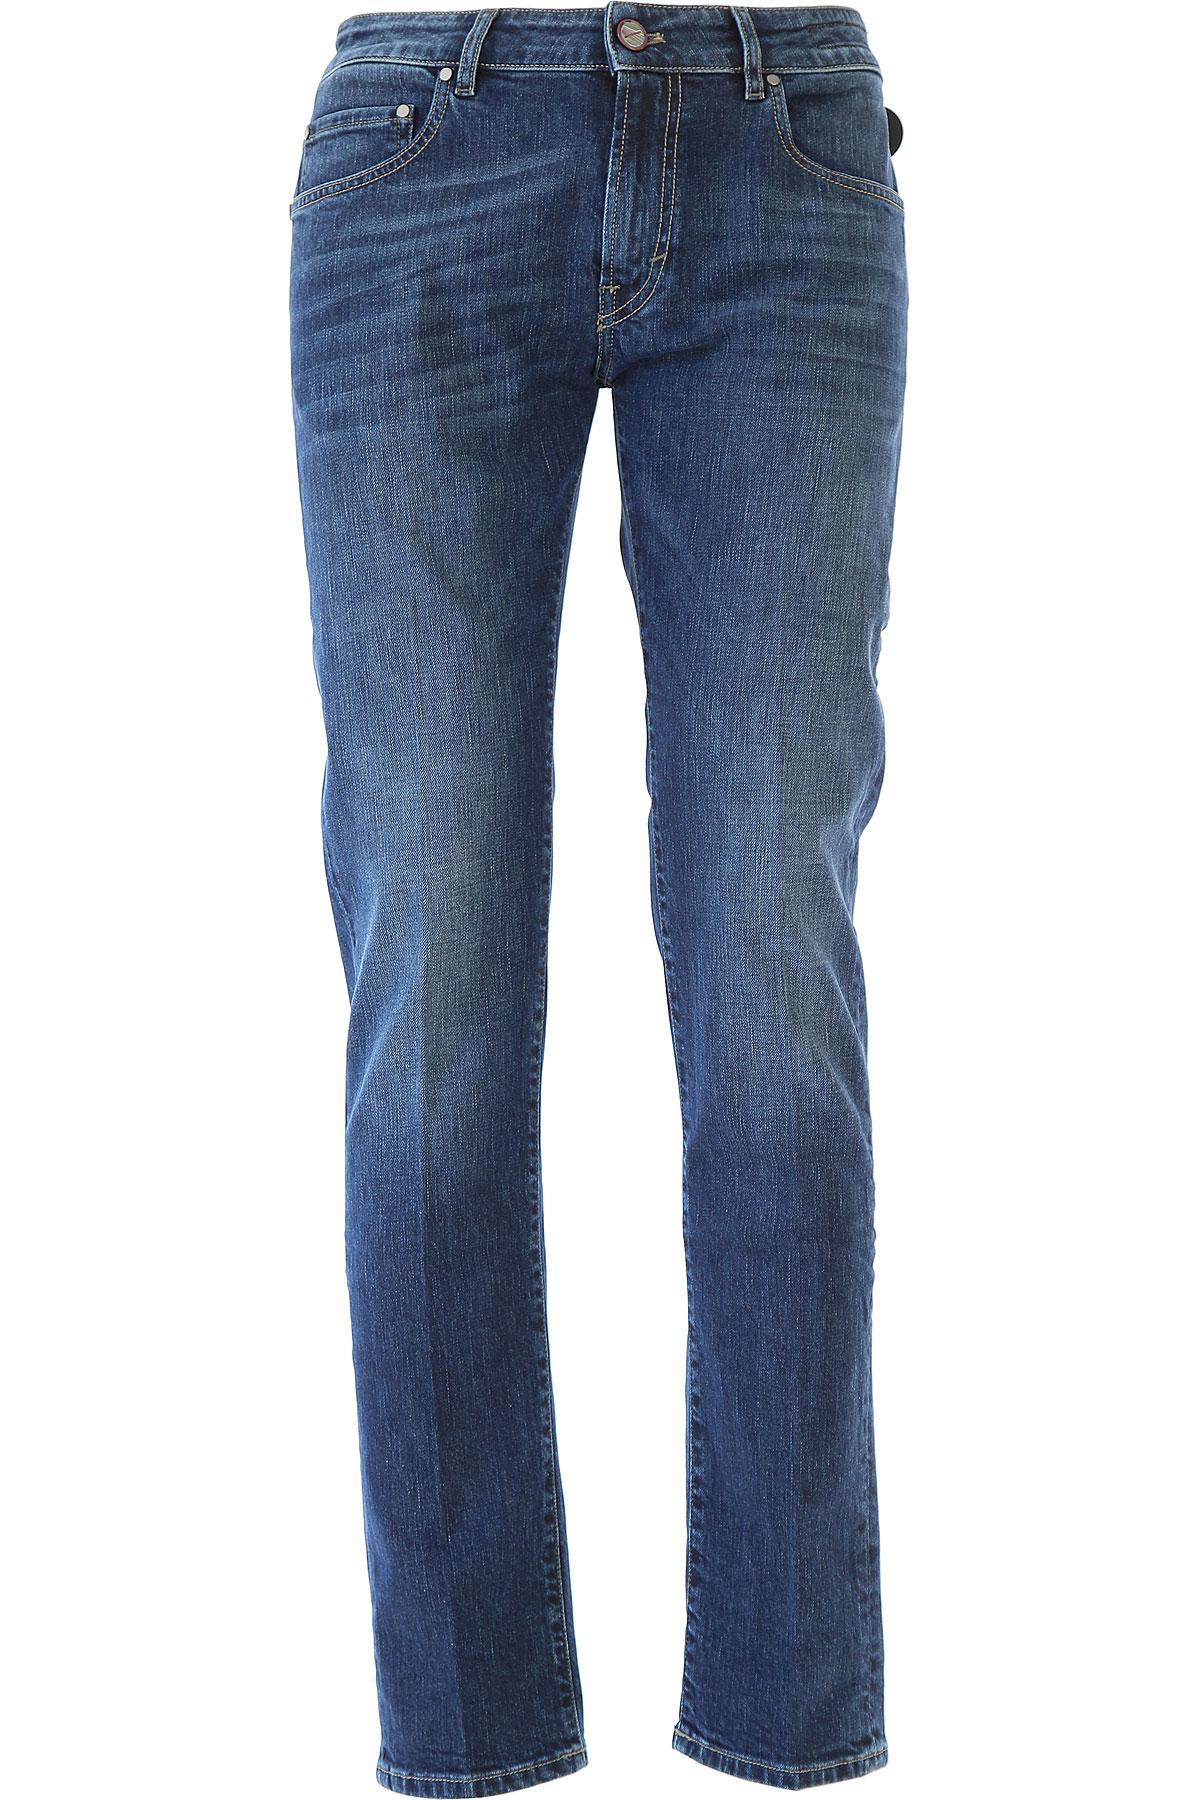 Image of PT05 Jeans, Denim Blue, Cotton, 2017, 31 32 33 34 35 36